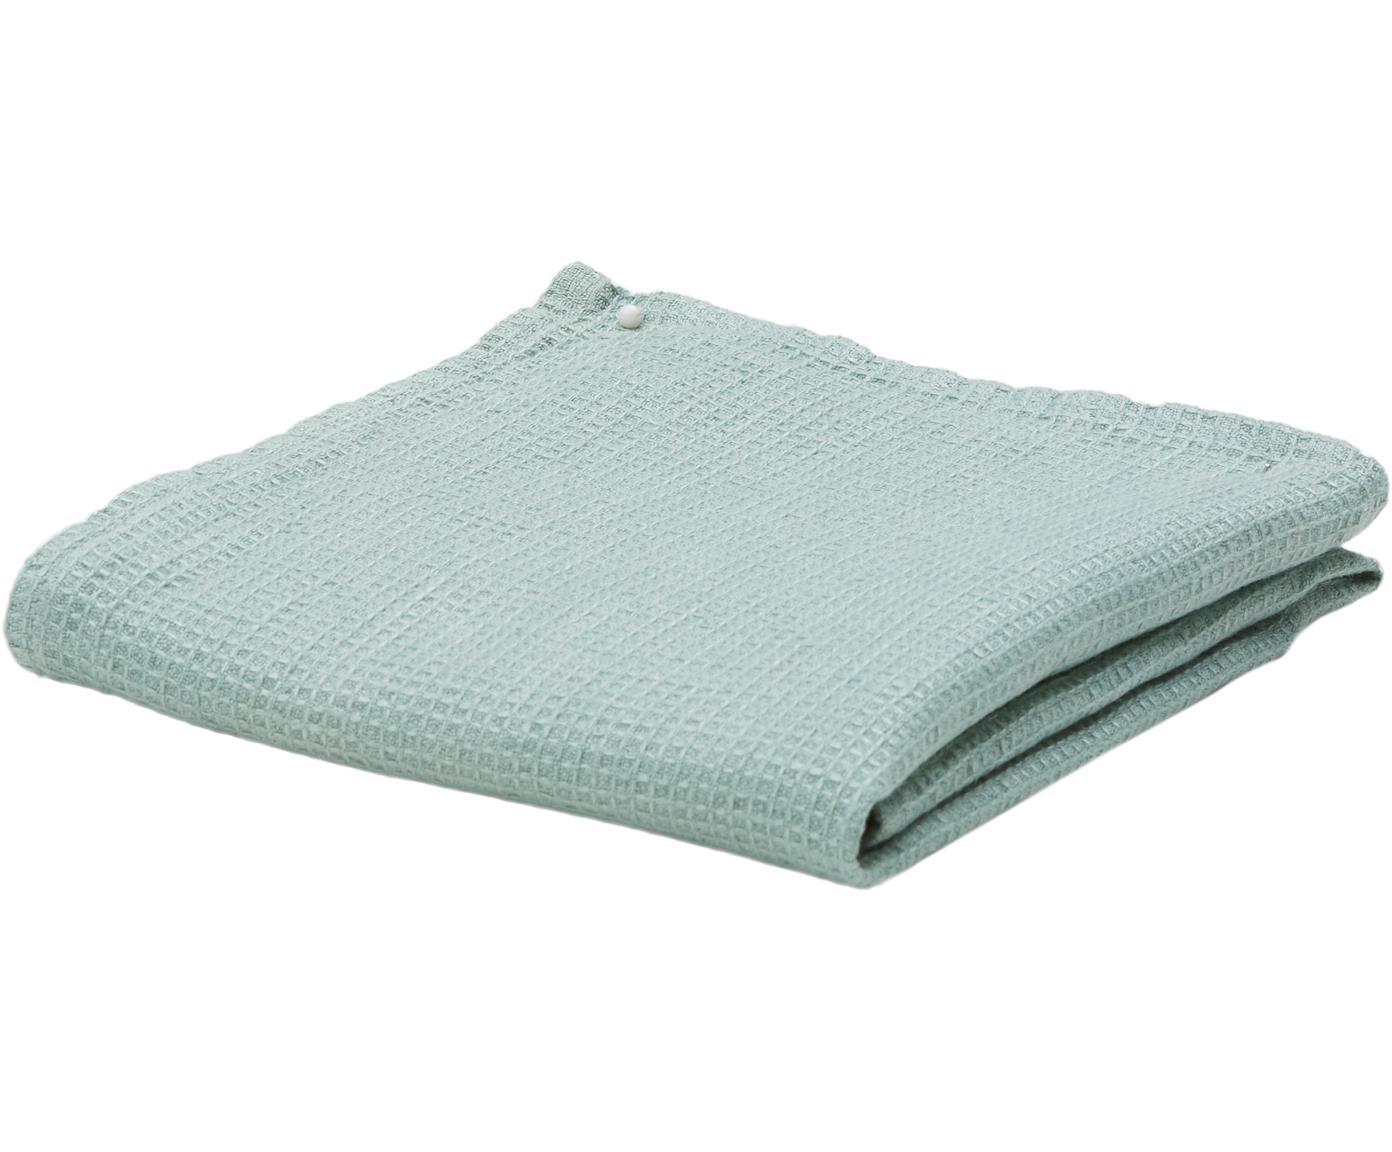 Leichtes Leinen-Handtuch Java in verschiedenen Größen, Waffelpiqué, Mintgrün, Gästehandtuch